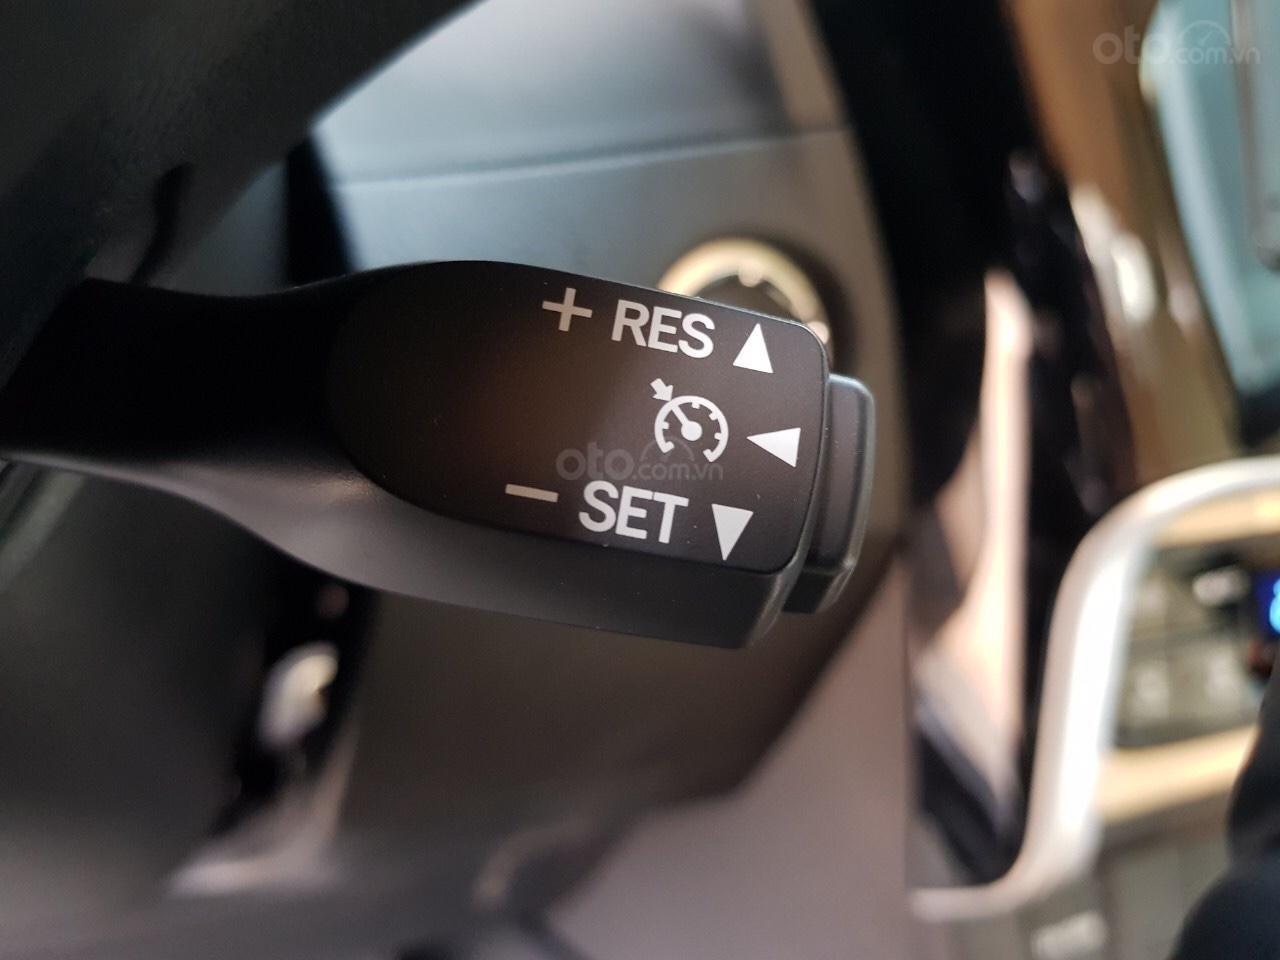 Khuyến mại tốt dành cho Toyota Altis G 2019, hỗ trợ trả góp lên đến 90% giá trị xe. Hotline 0971 123 125-7